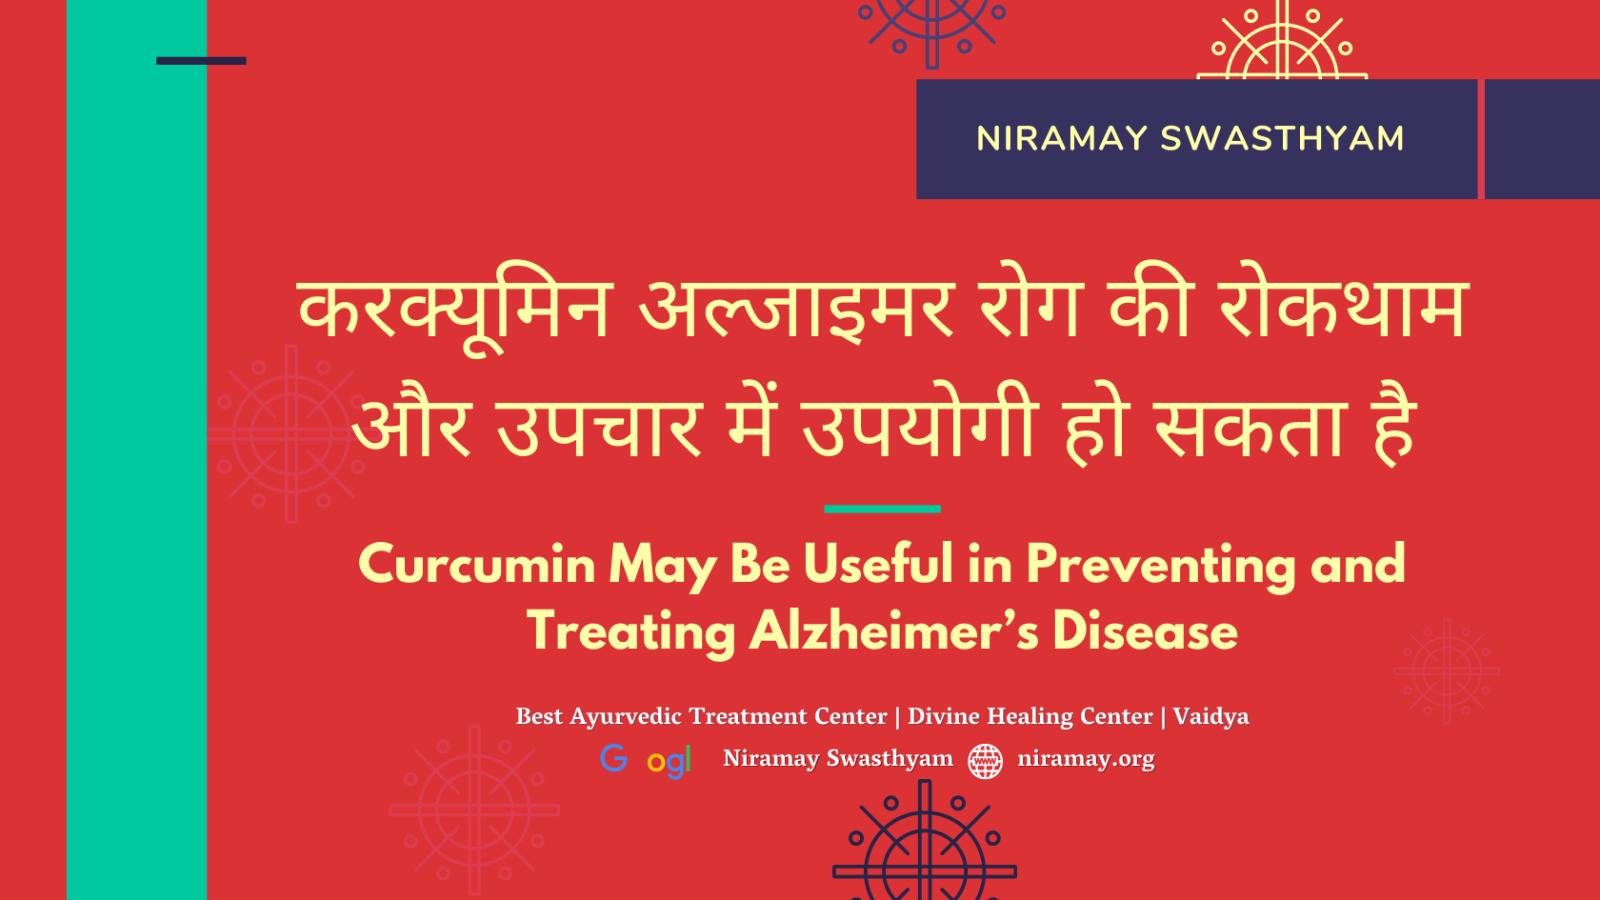 7. करक्यूमिन अल्जाइमर रोग की रोकथाम और उपचार में उपयोगी हो सकता है, niramay swasthyam best ayurvedic treatment center